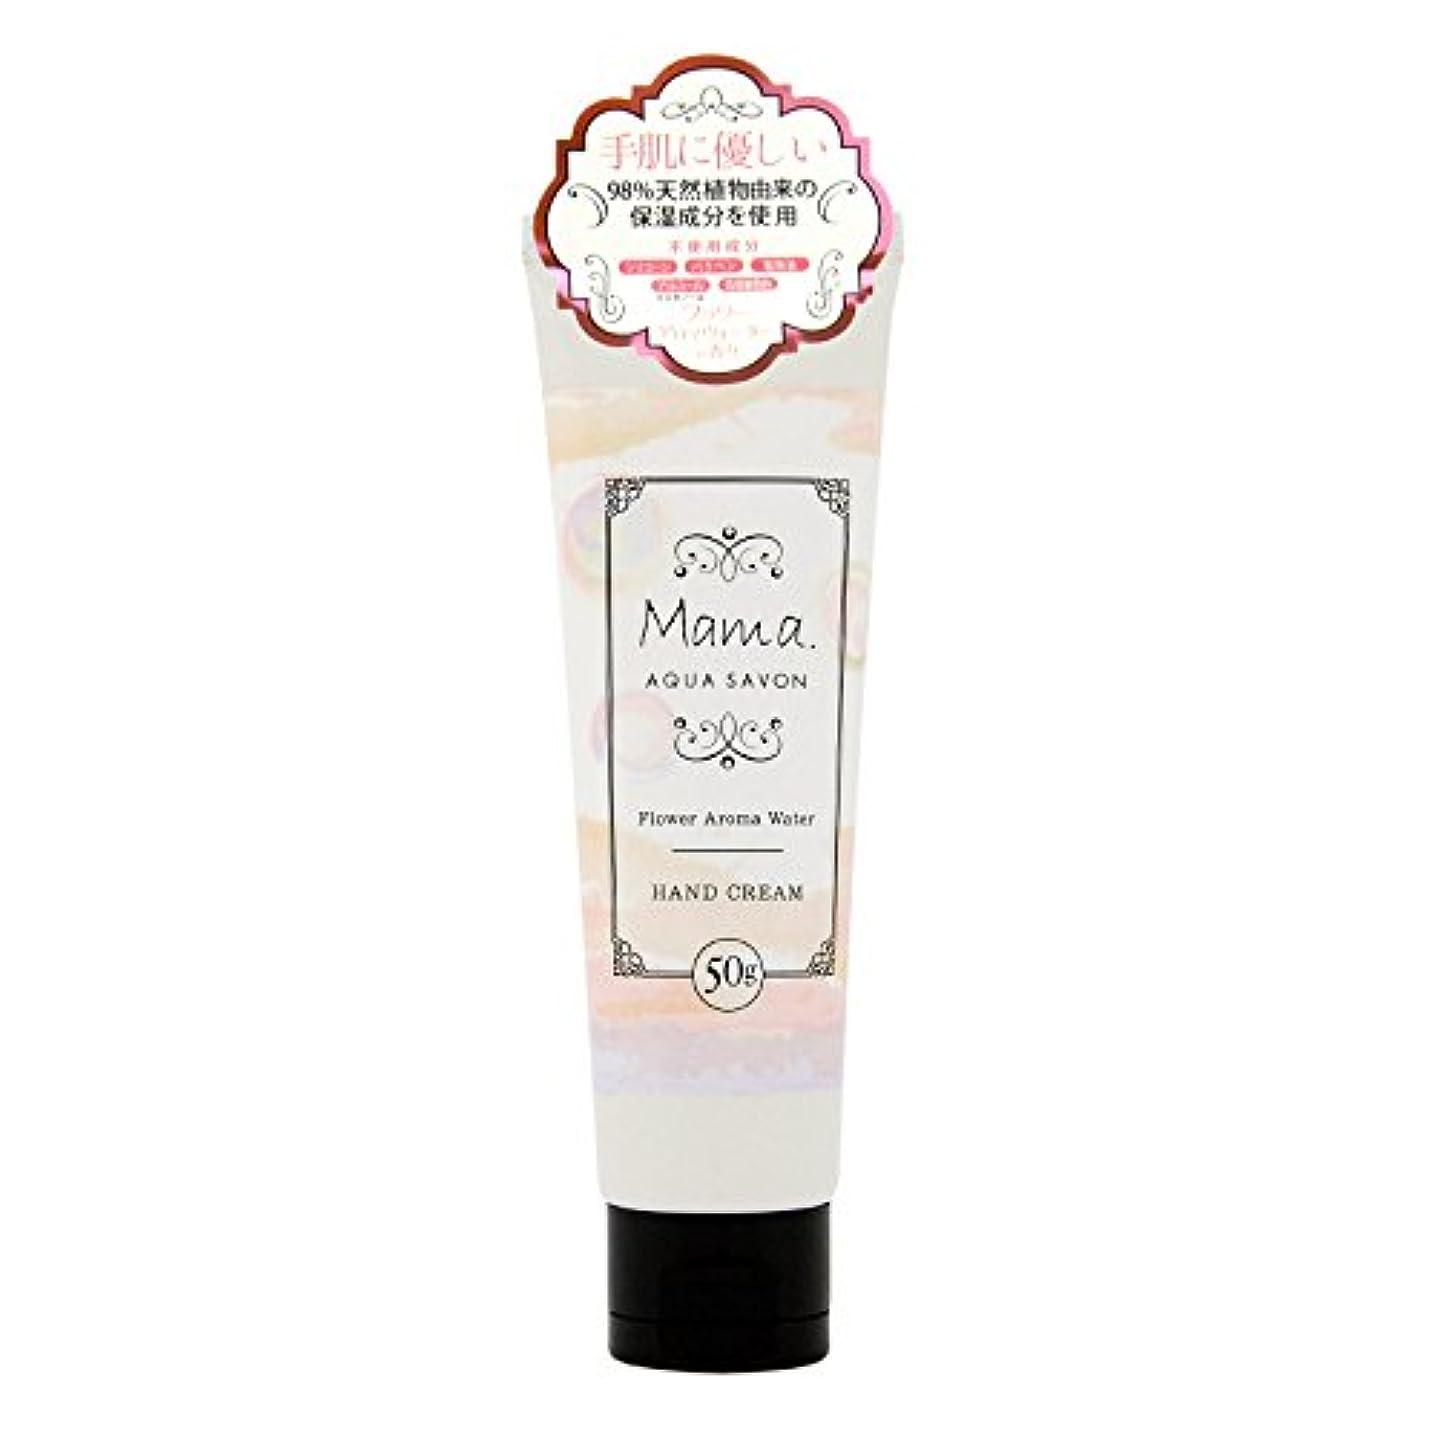 素晴らしい良い多くのトピック保証ママ アクアシャボン ハンドクリーム フラワーアロマウォーターの香り 50g